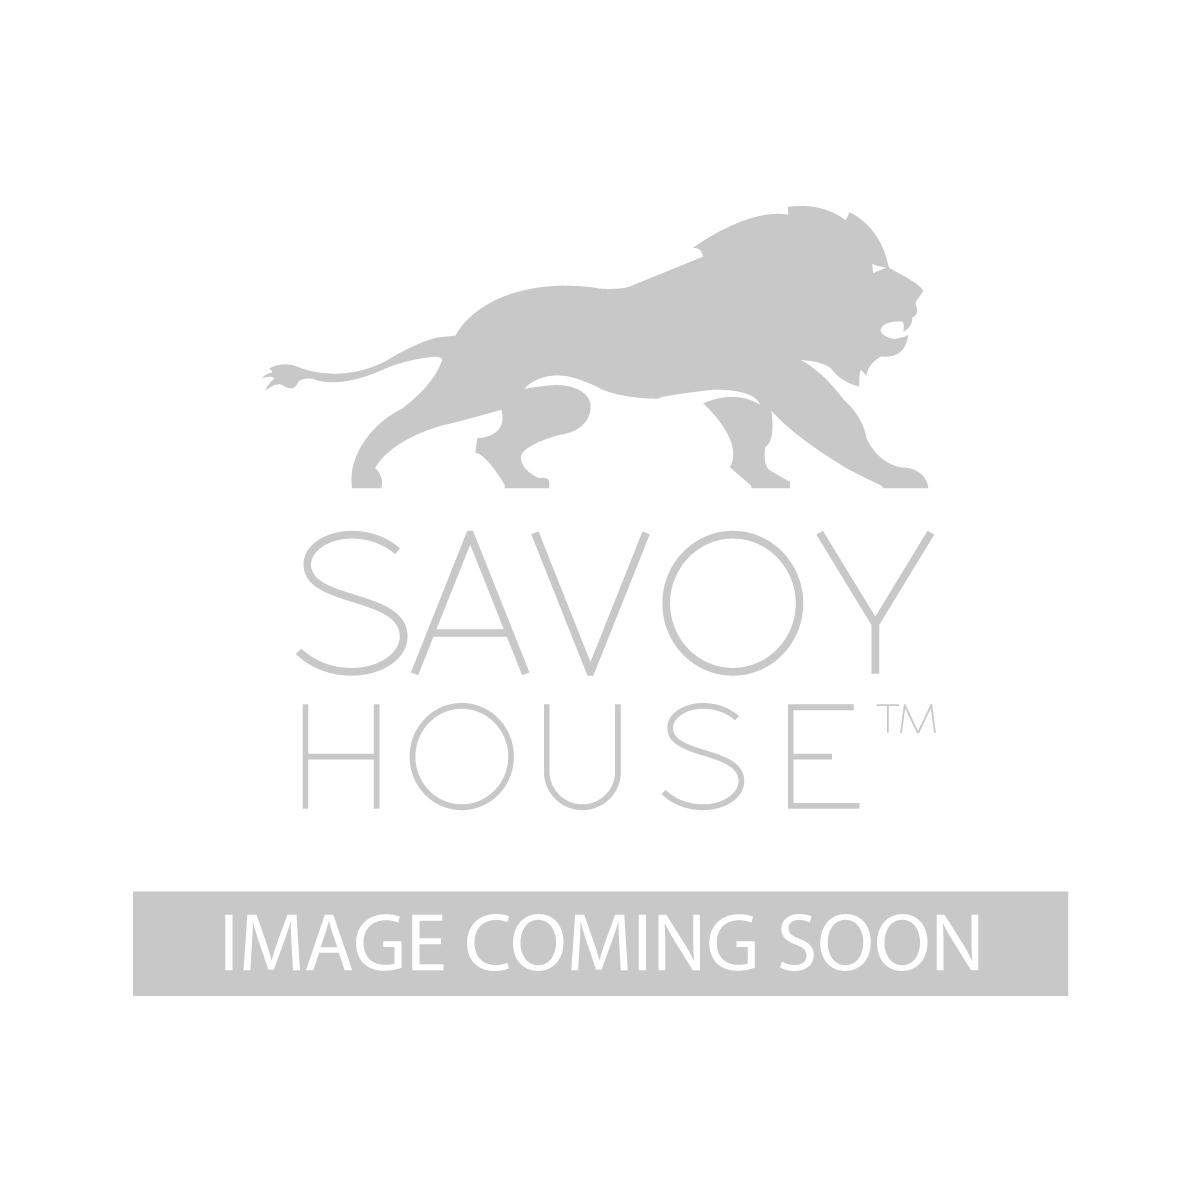 5 140 Bk Ellijay 7 Inch Steel Wall Lantern By Savoy House